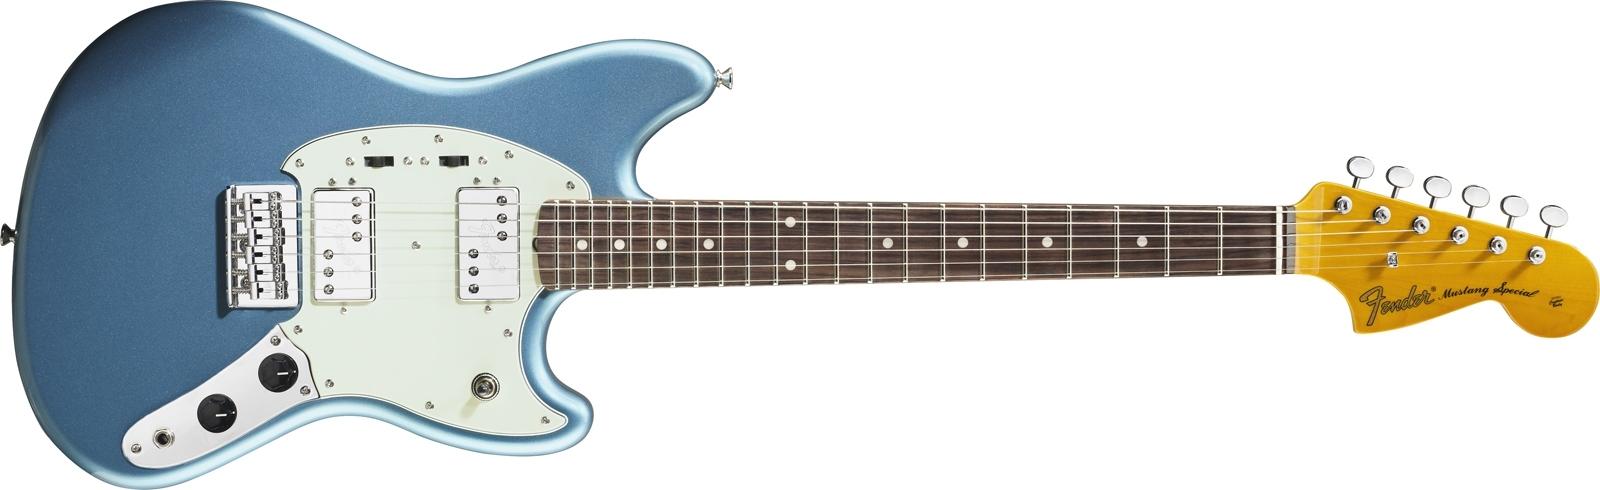 Accrocher Sa Guitare Au Mur Frais Images Test Des Fender Pawn Shop 51 72 Et Mustang Les Fiancées De